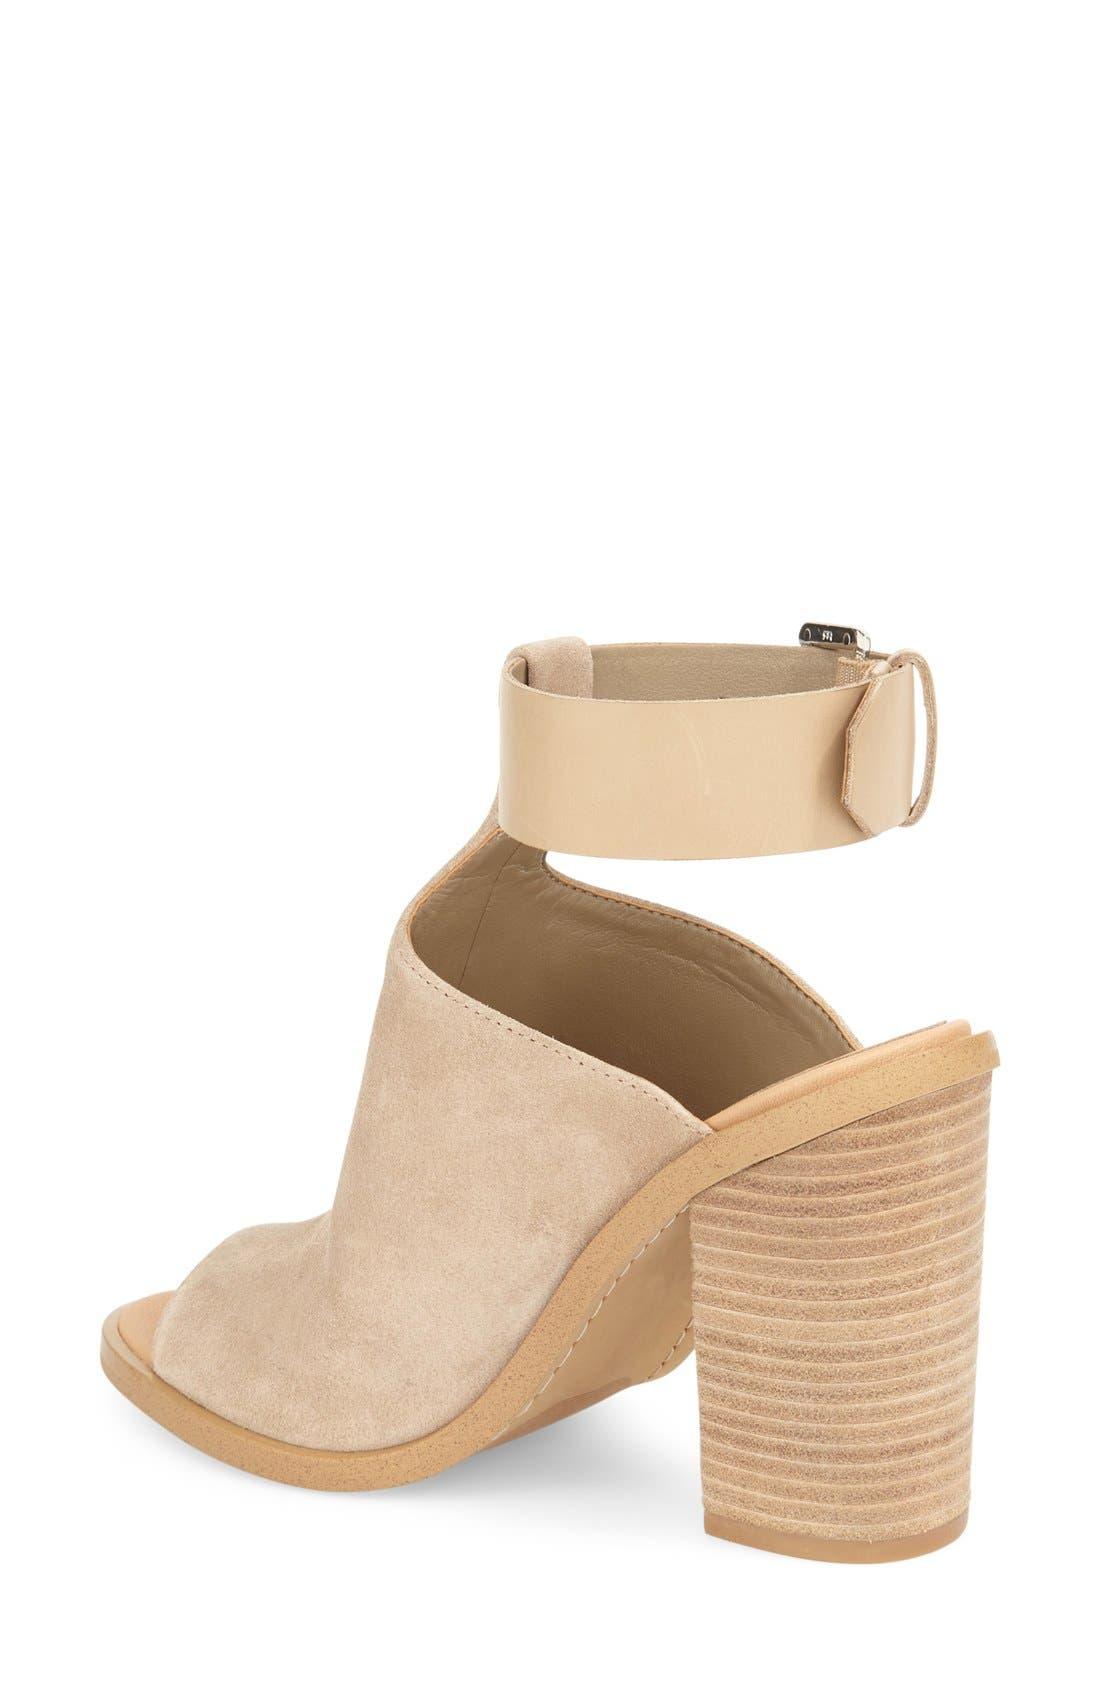 Alternate Image 2  - Marc Fisher LTD Vashi Ankle Strap Sandal (Women)